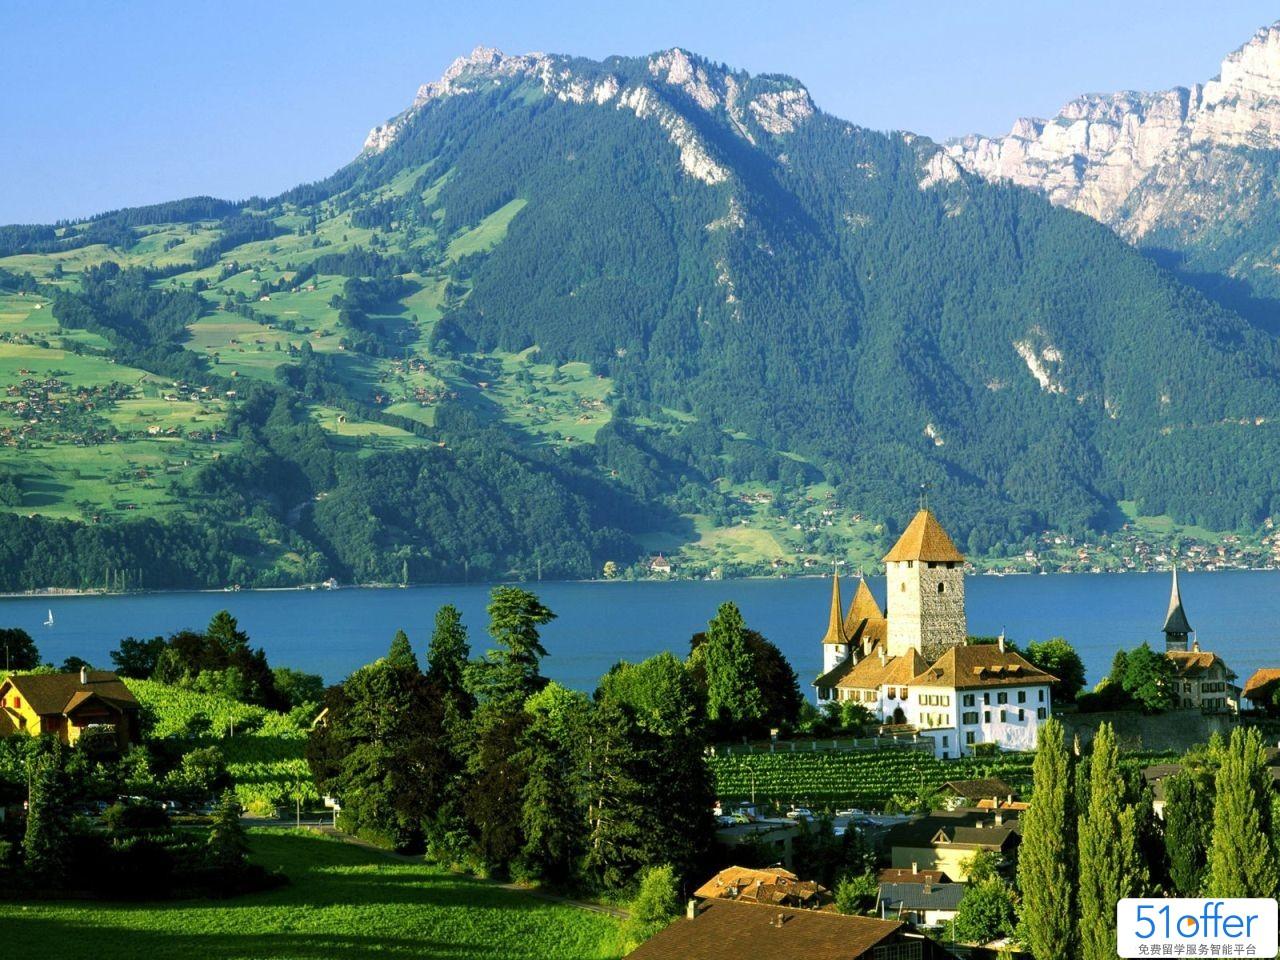 瑞士年留学费用是多少